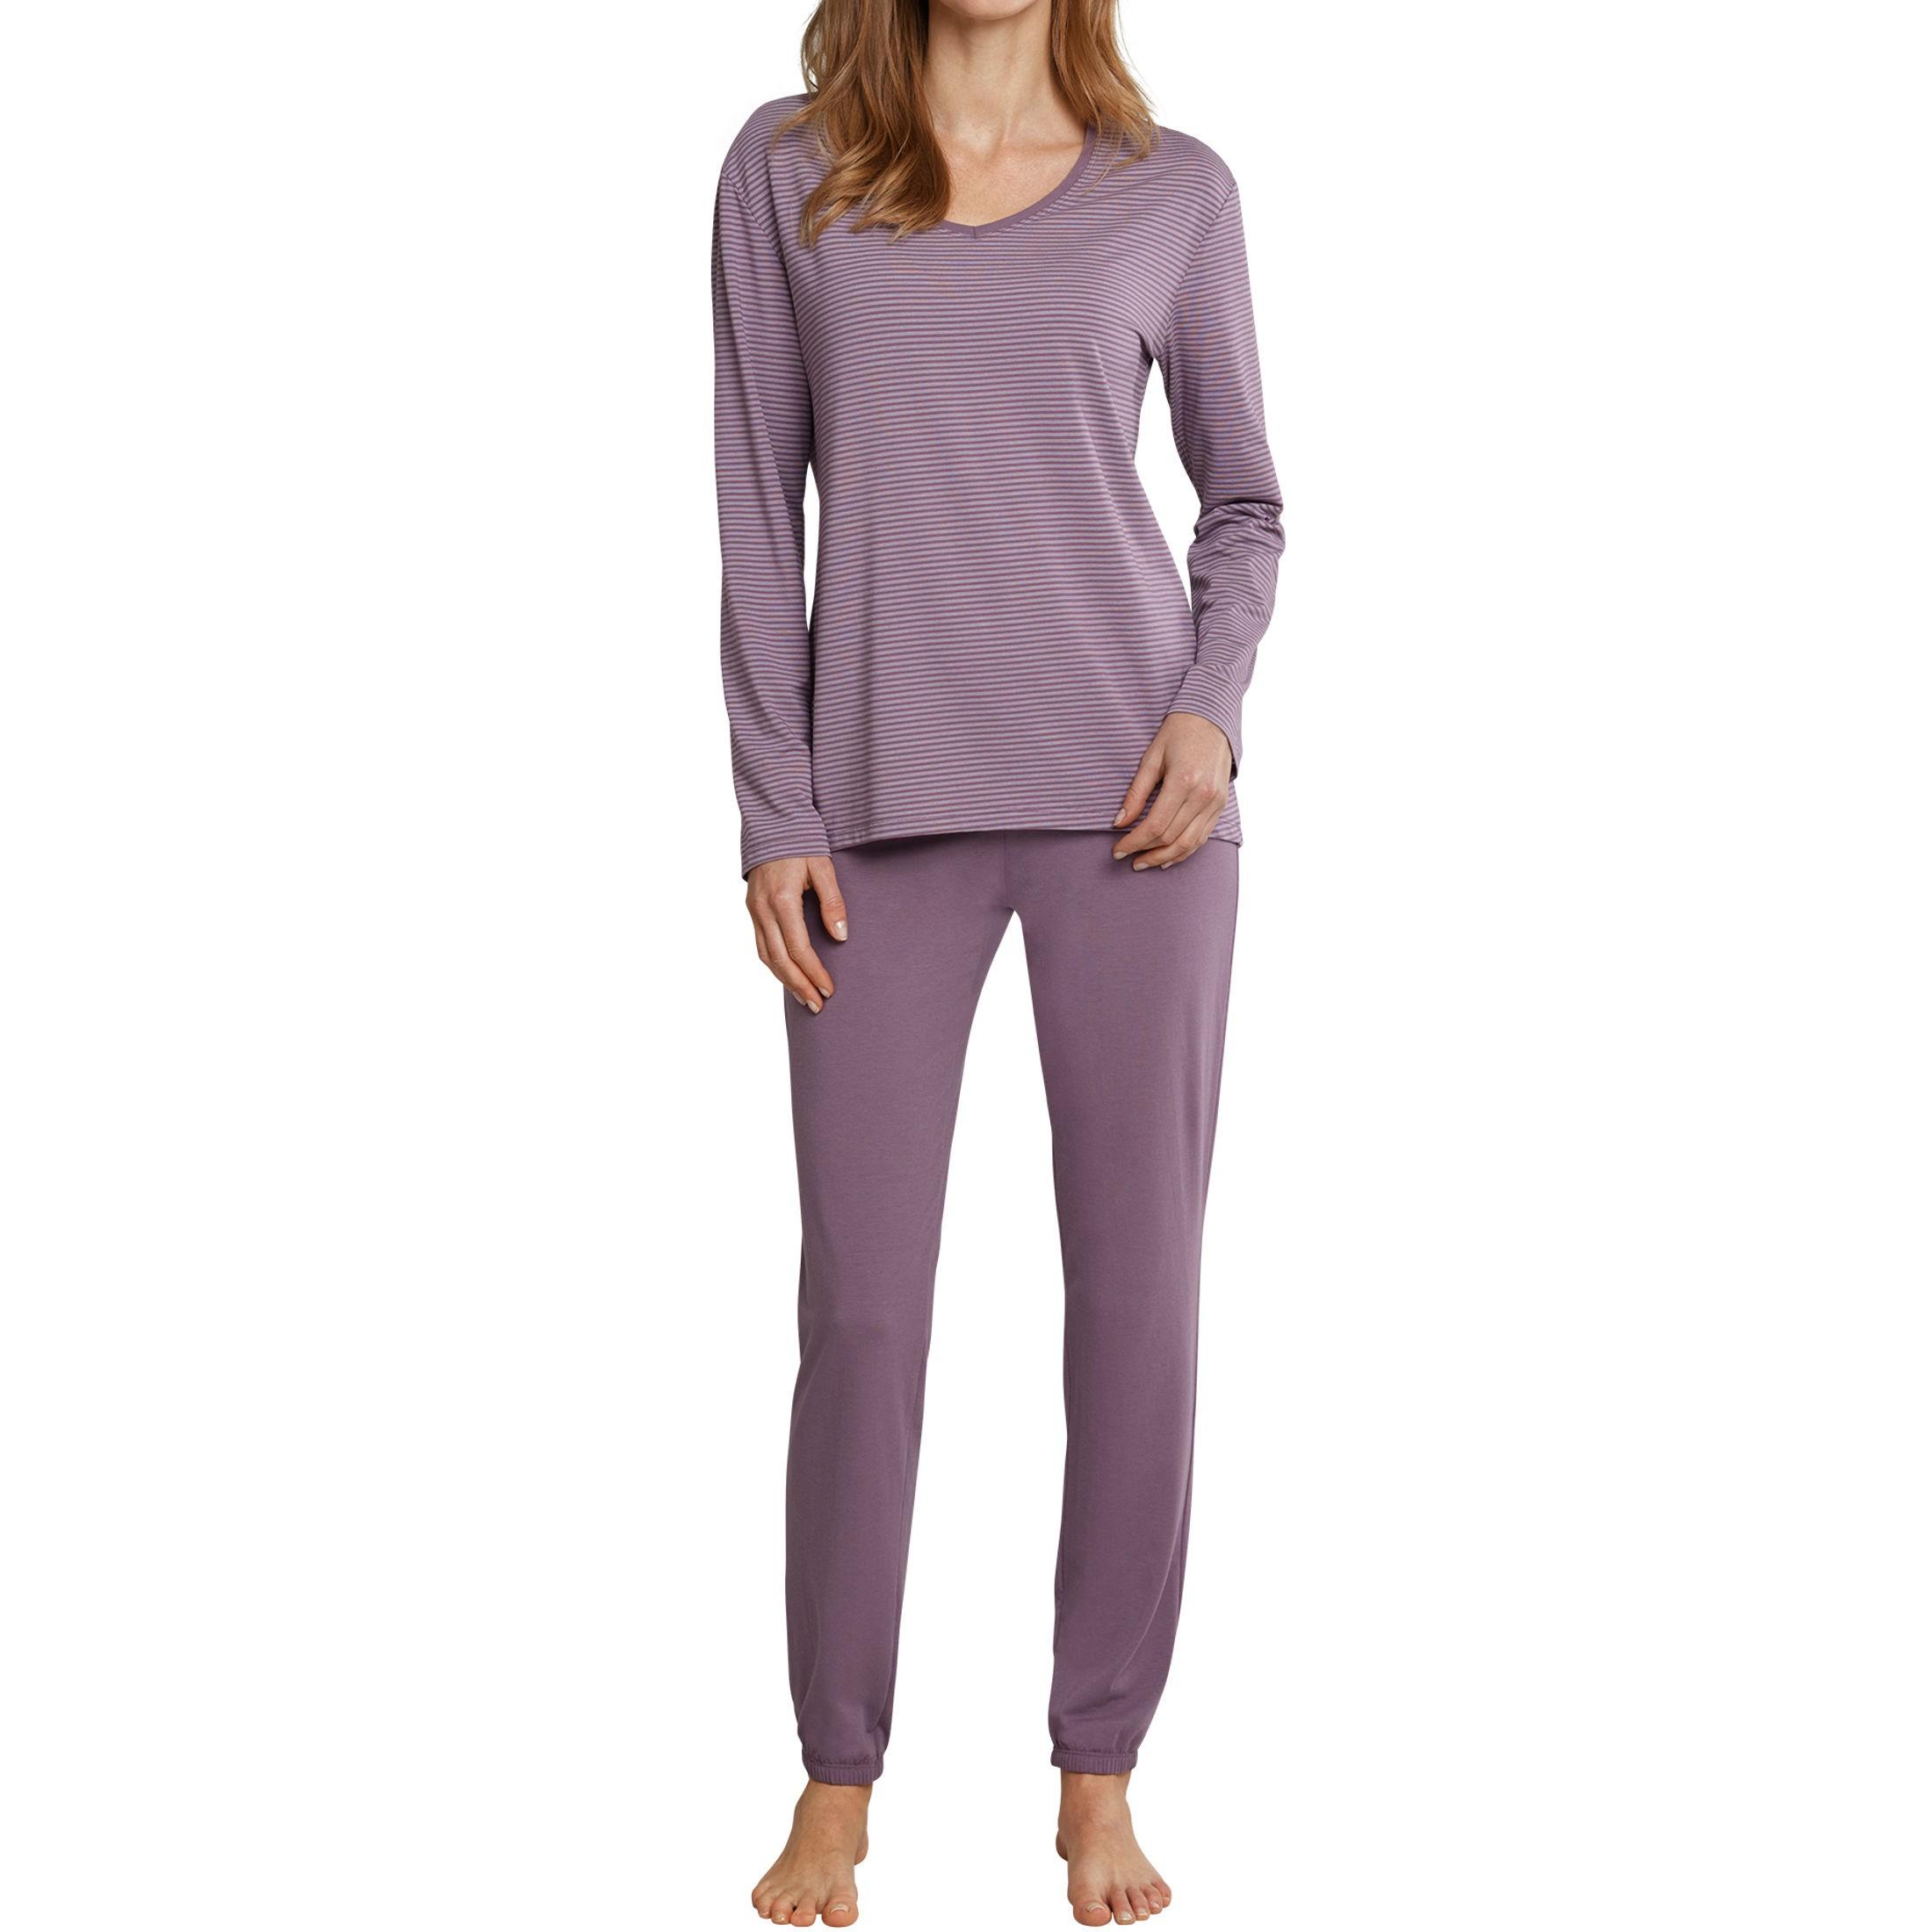 SCHIESSER Damen Schlafanzug lang Jersey lila geringelt Long Life Softness d9deca8aa4